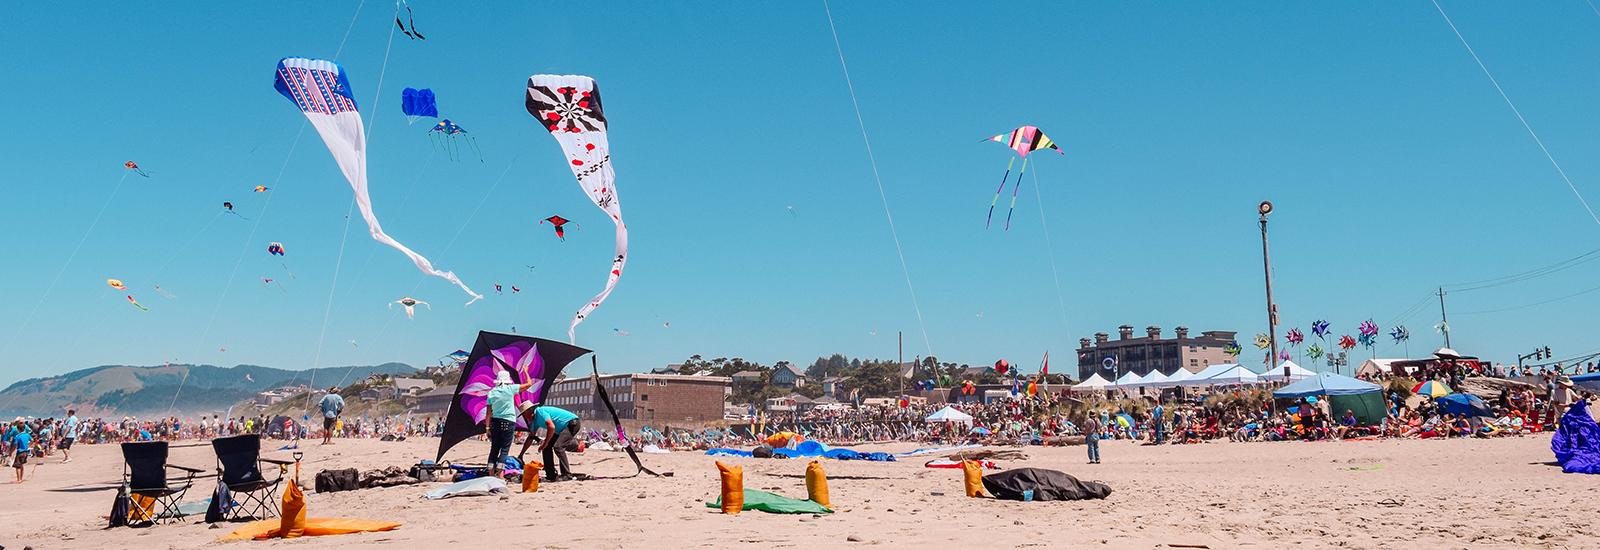 Lincoln City summer kite festival